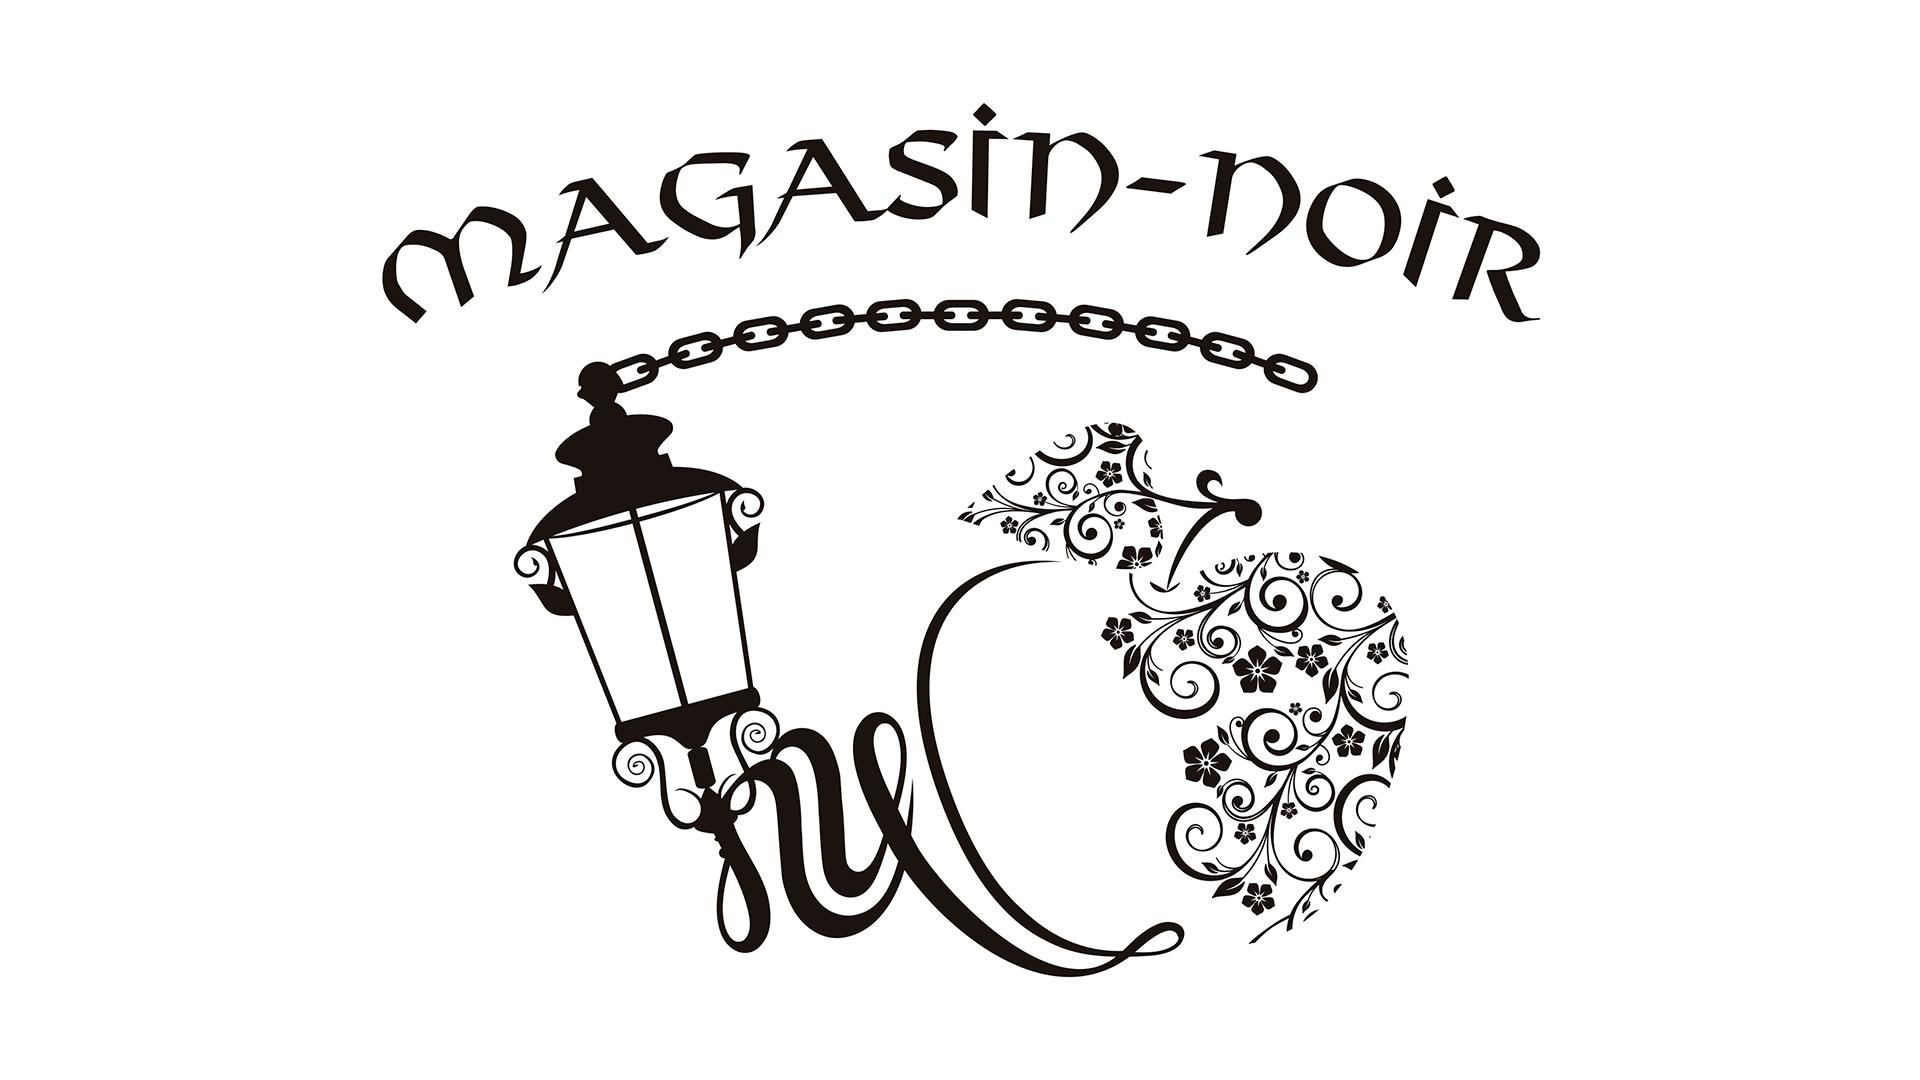 MAGASIN-NOIR - Logotipo